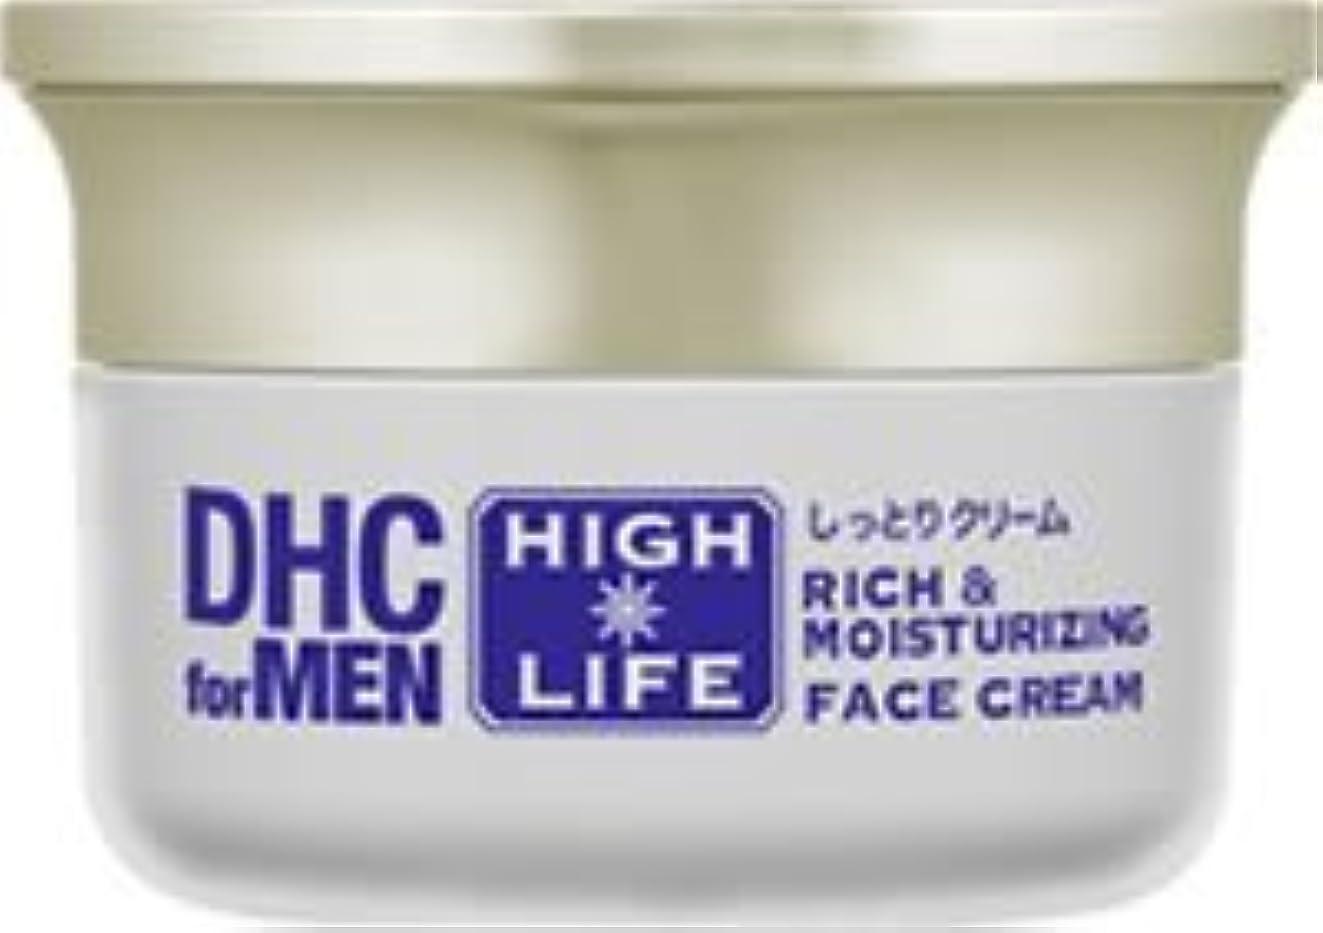 太い緯度好きDHCリッチ&モイスチュア フェースクリーム【DHC for MEN ハイライフ】